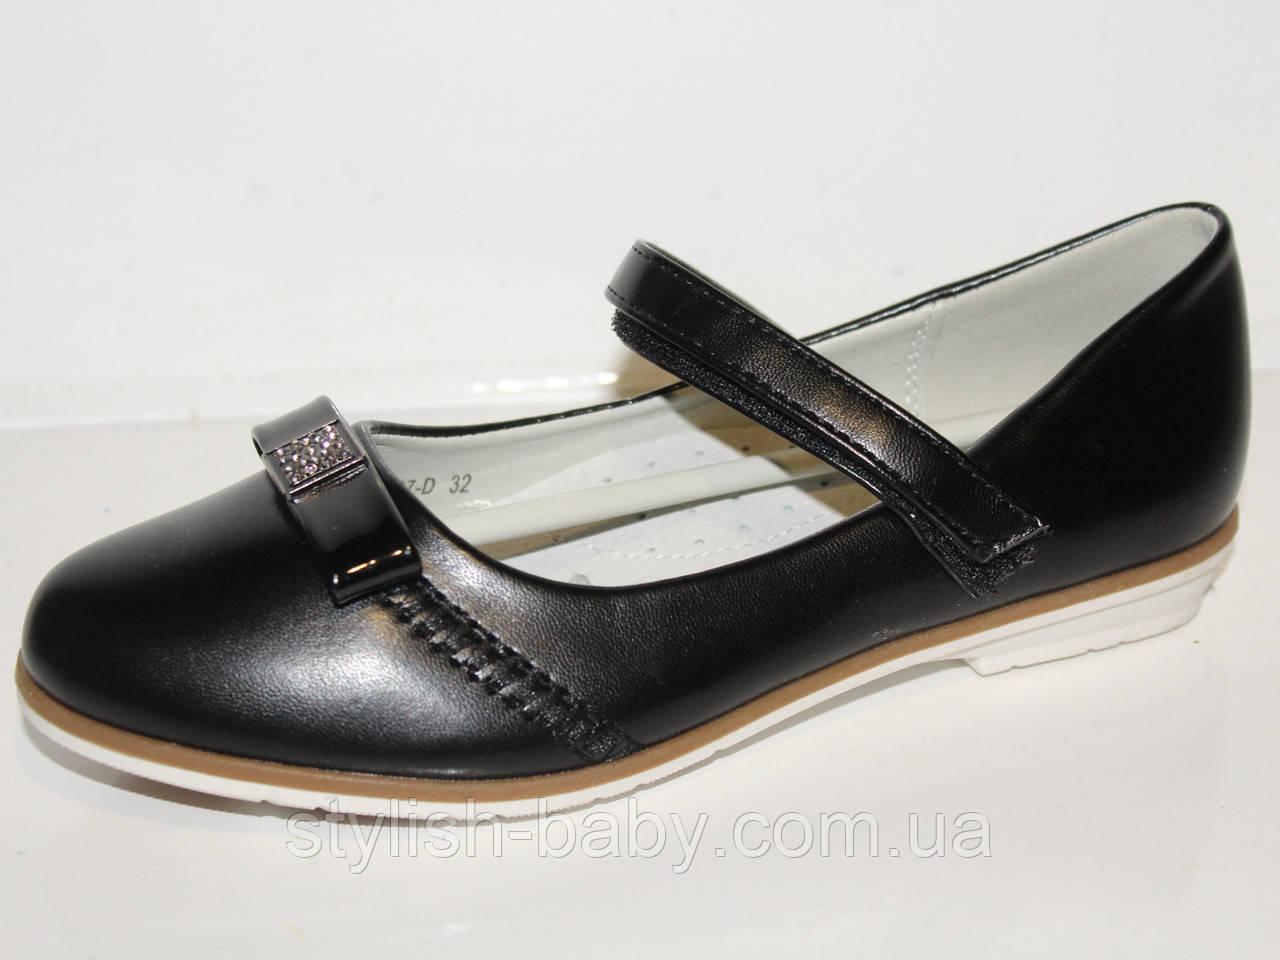 Детская обувь оптом. Детские туфли бренда Tom.m для девочек (рр. с 32 по 37)